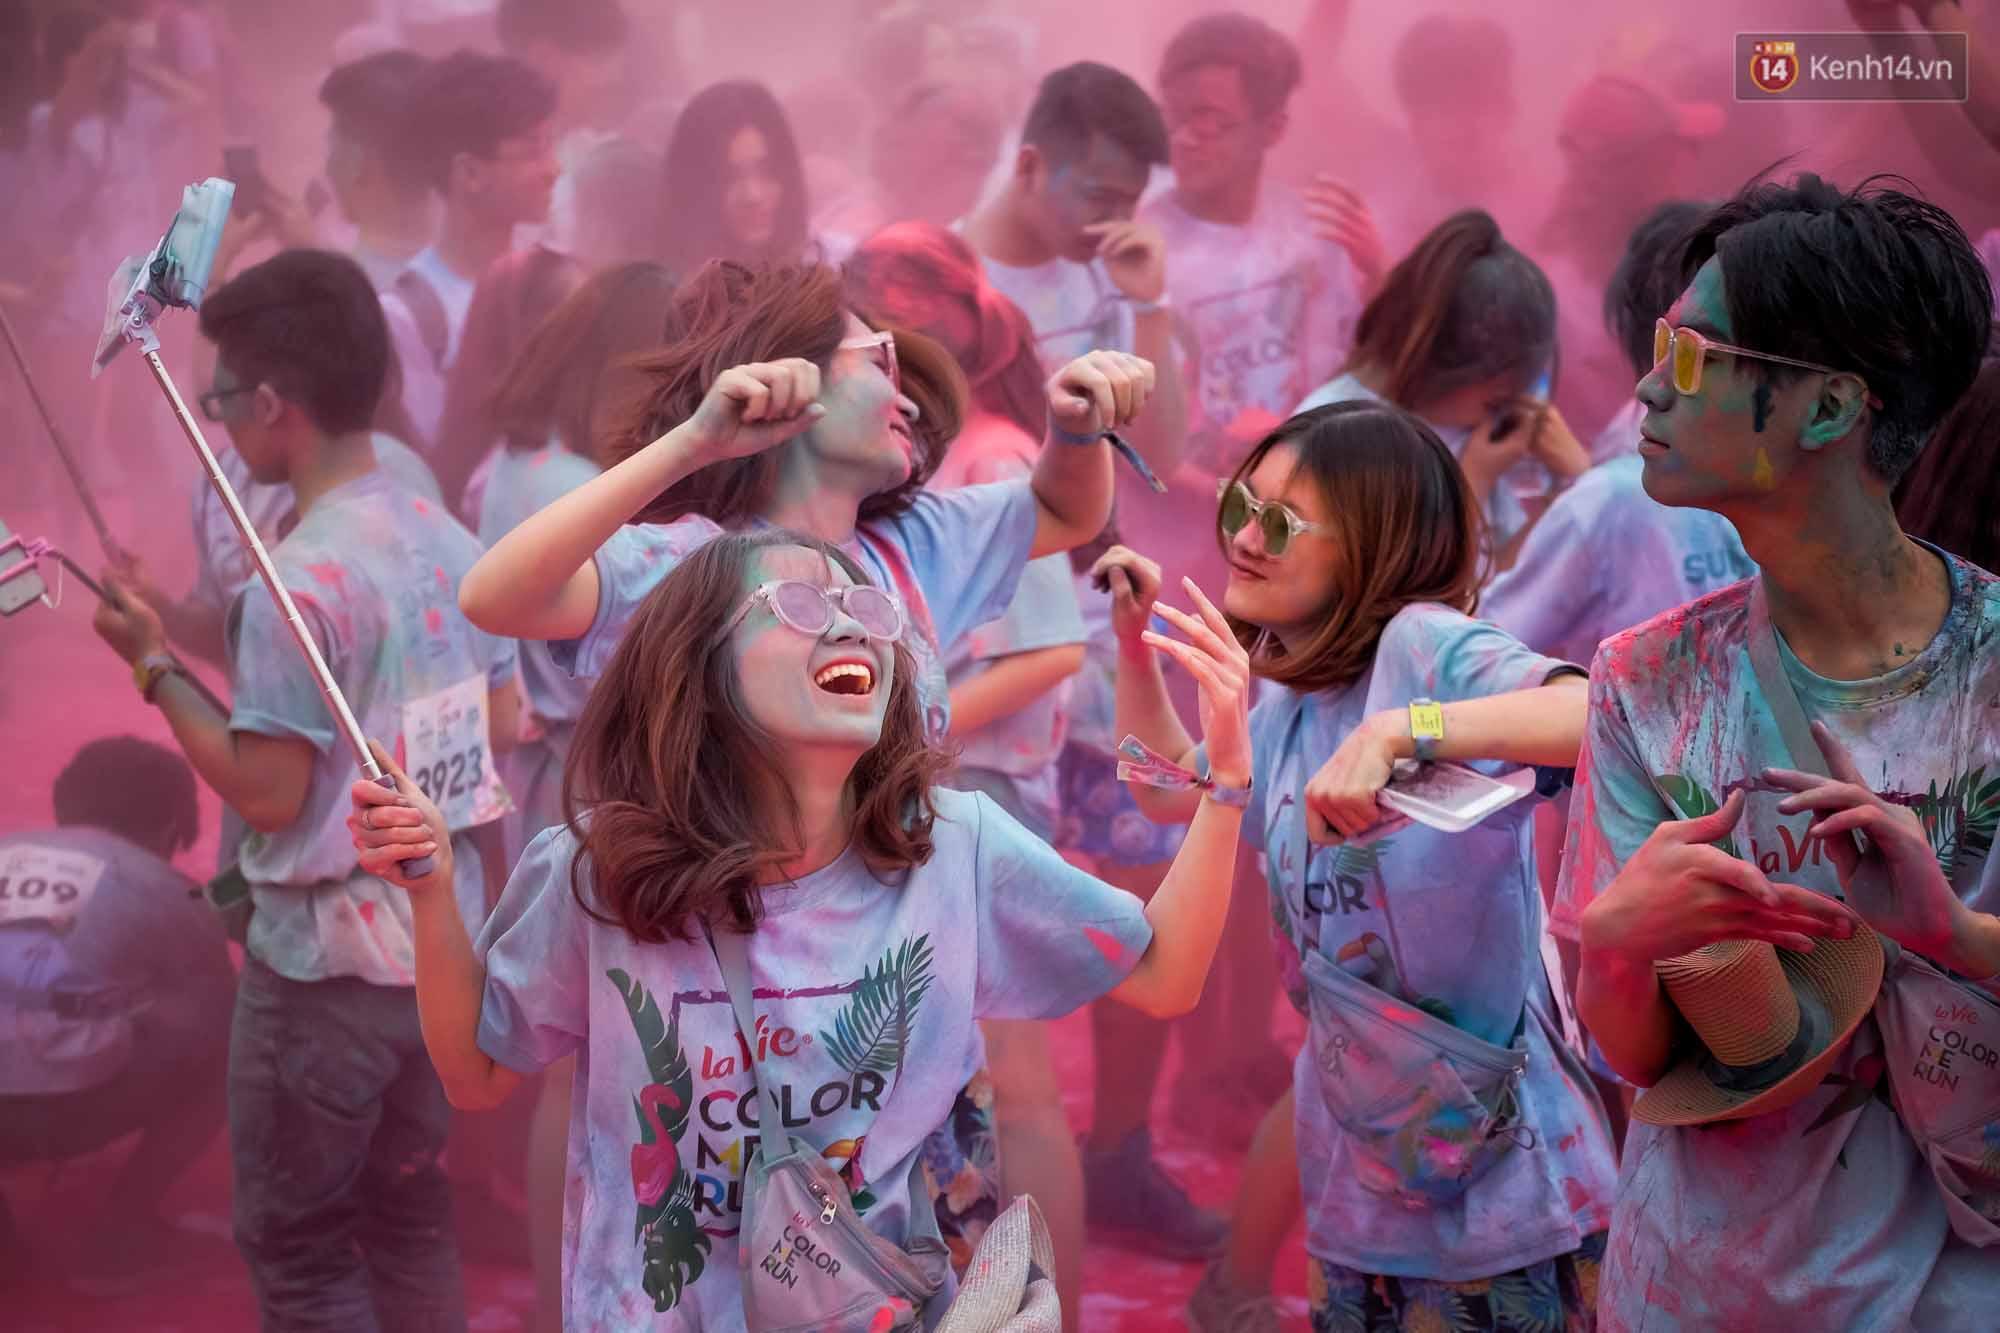 Những khoảnh khắc chứng minh đi Color Me Run lúc nào cũng vui và được quẩy hết mình! - Ảnh 4.